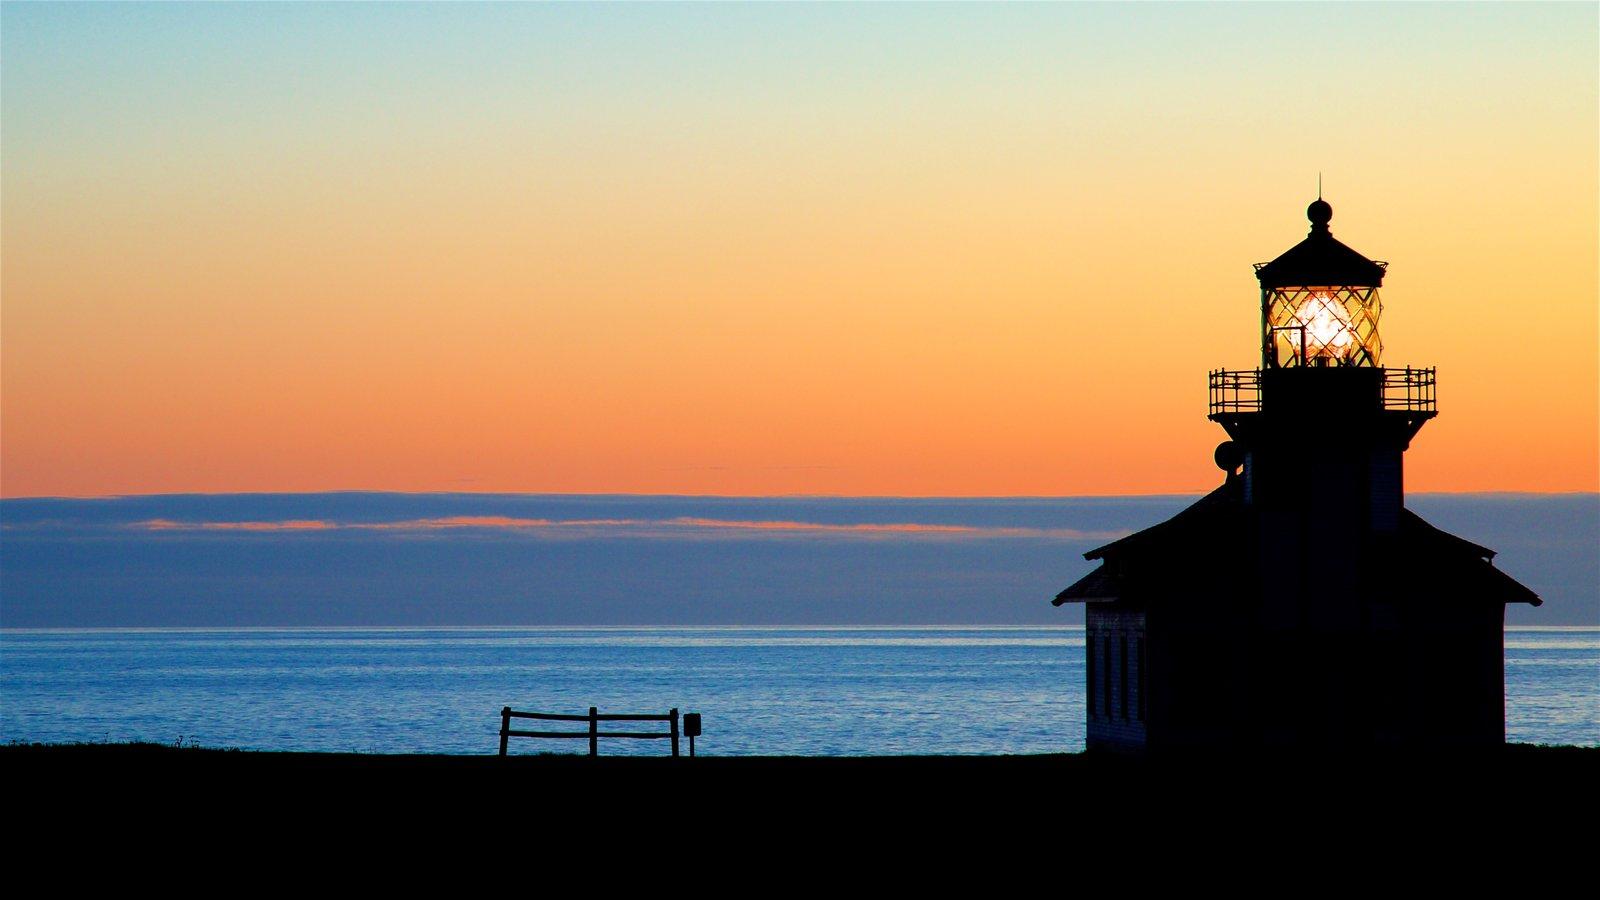 Mendocino que incluye vistas generales de la costa, una puesta de sol y un faro